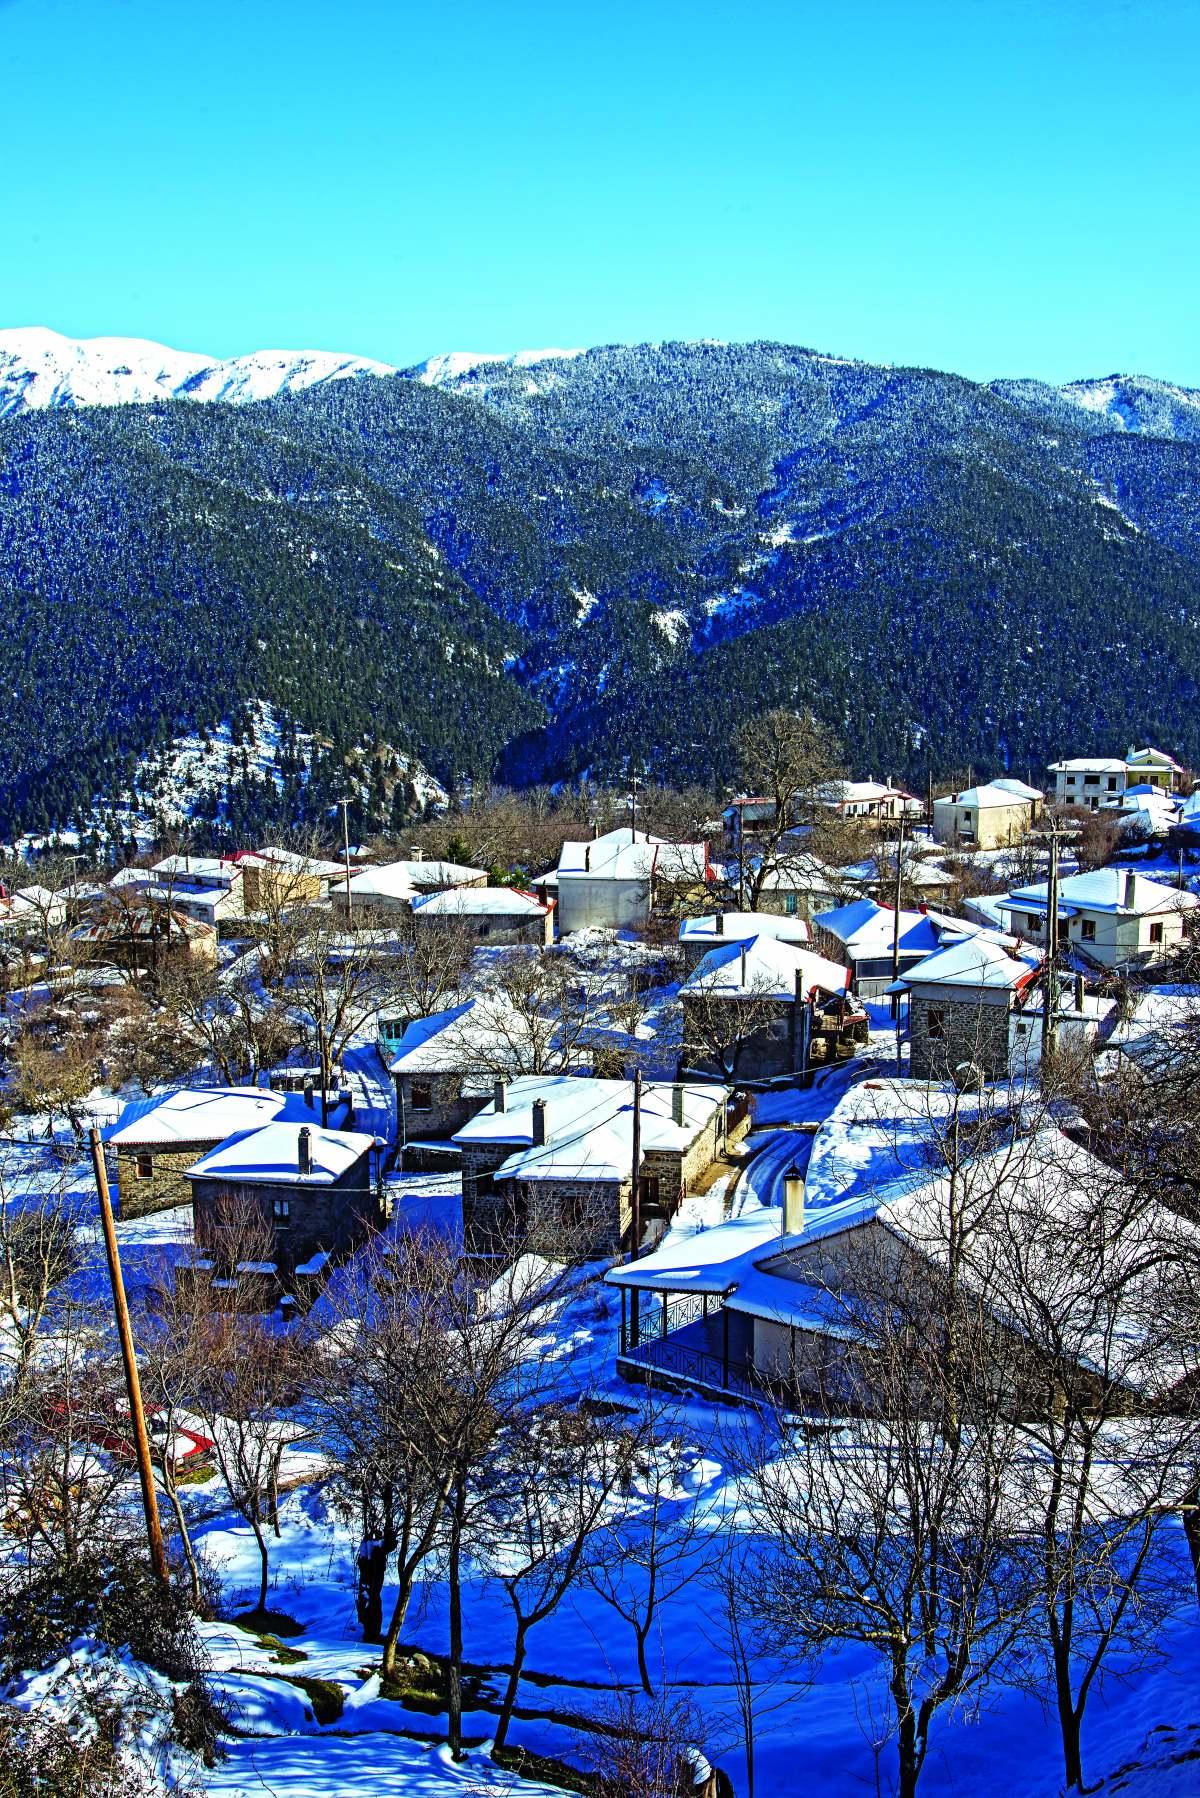 Κρίκελλο πανοραμική εικόνα του χιονισμένου χωριού